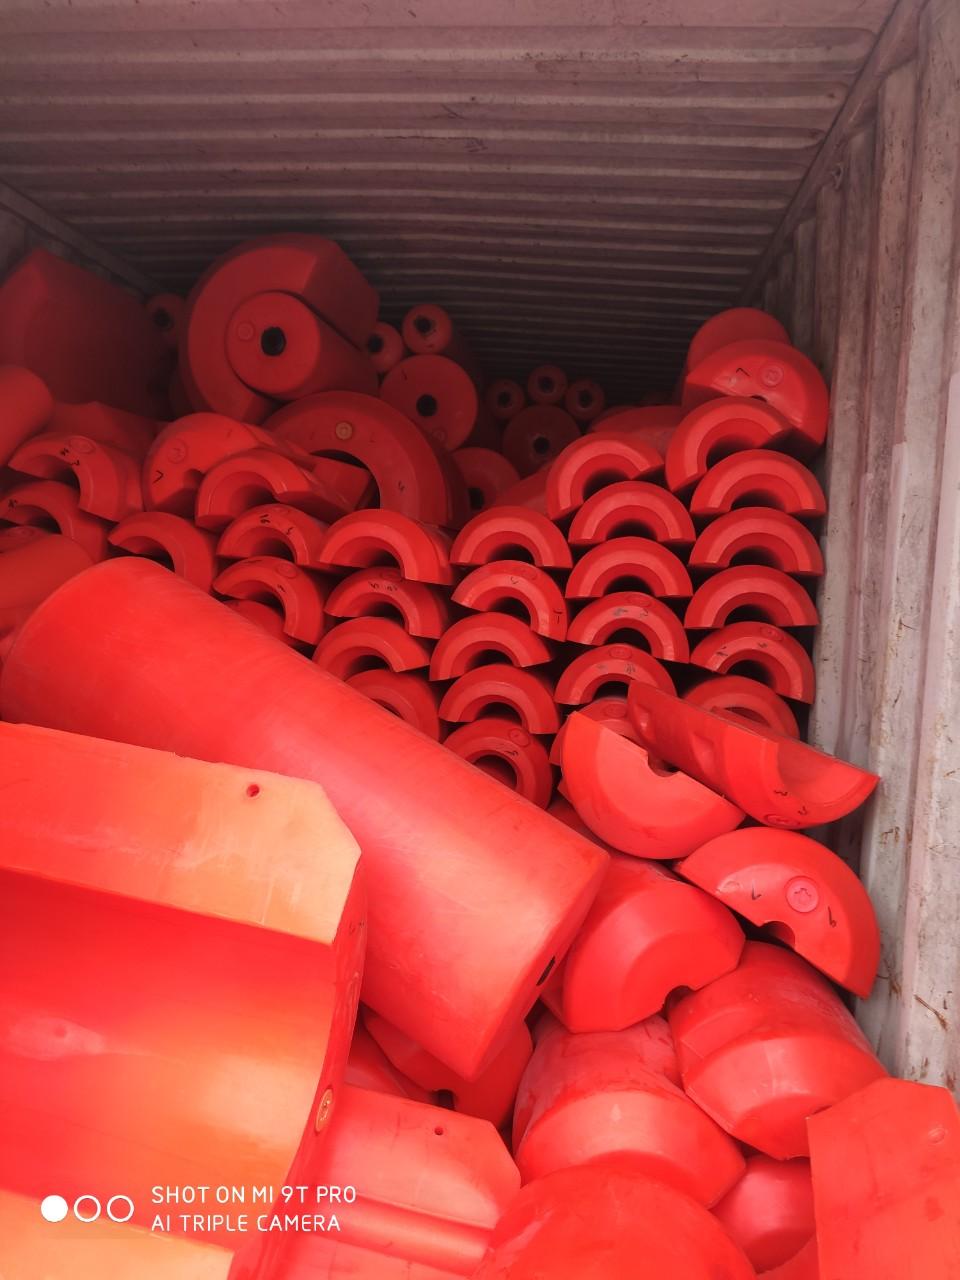 Phao nhựa nổi, phao chắn rác hàng có sẵn tại kho Hải Phòng